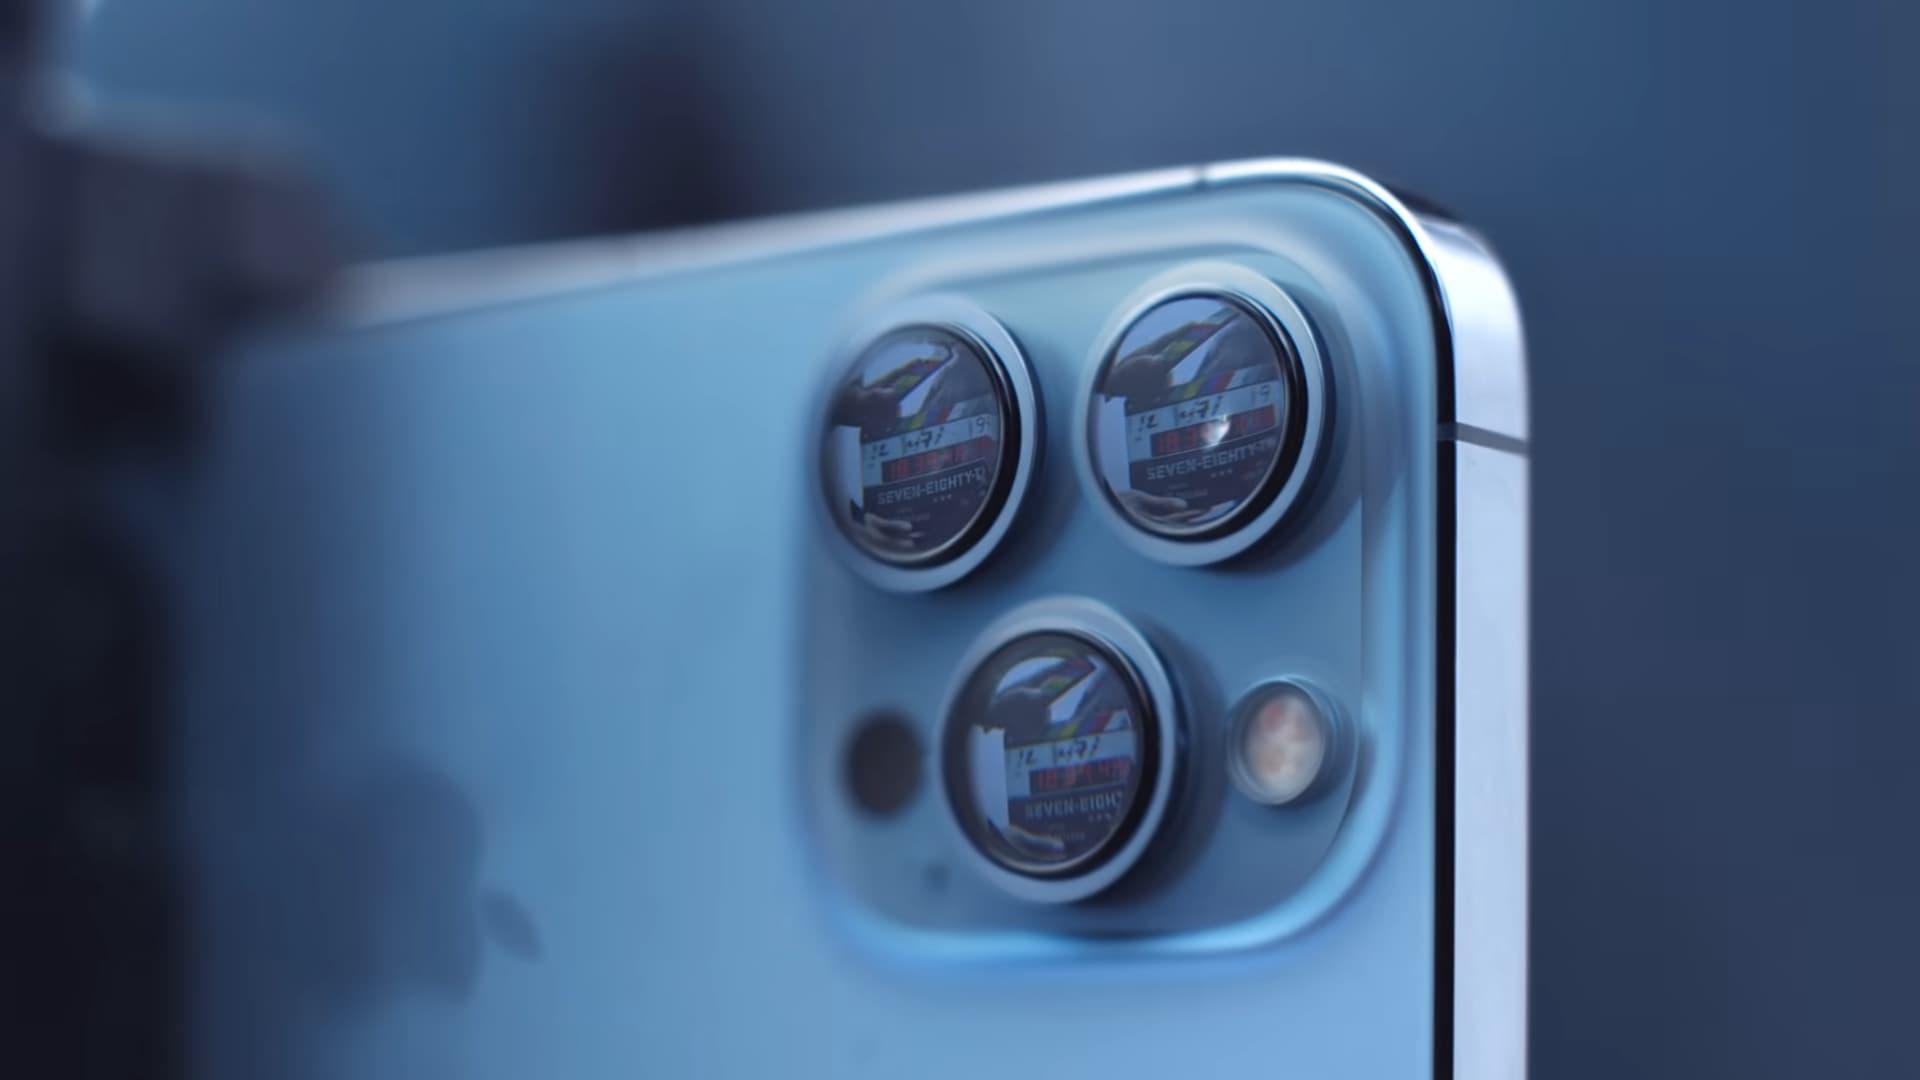 蘋果替 iOS 15.0.2 修補安全漏洞,研究員怒批拖半年才修正